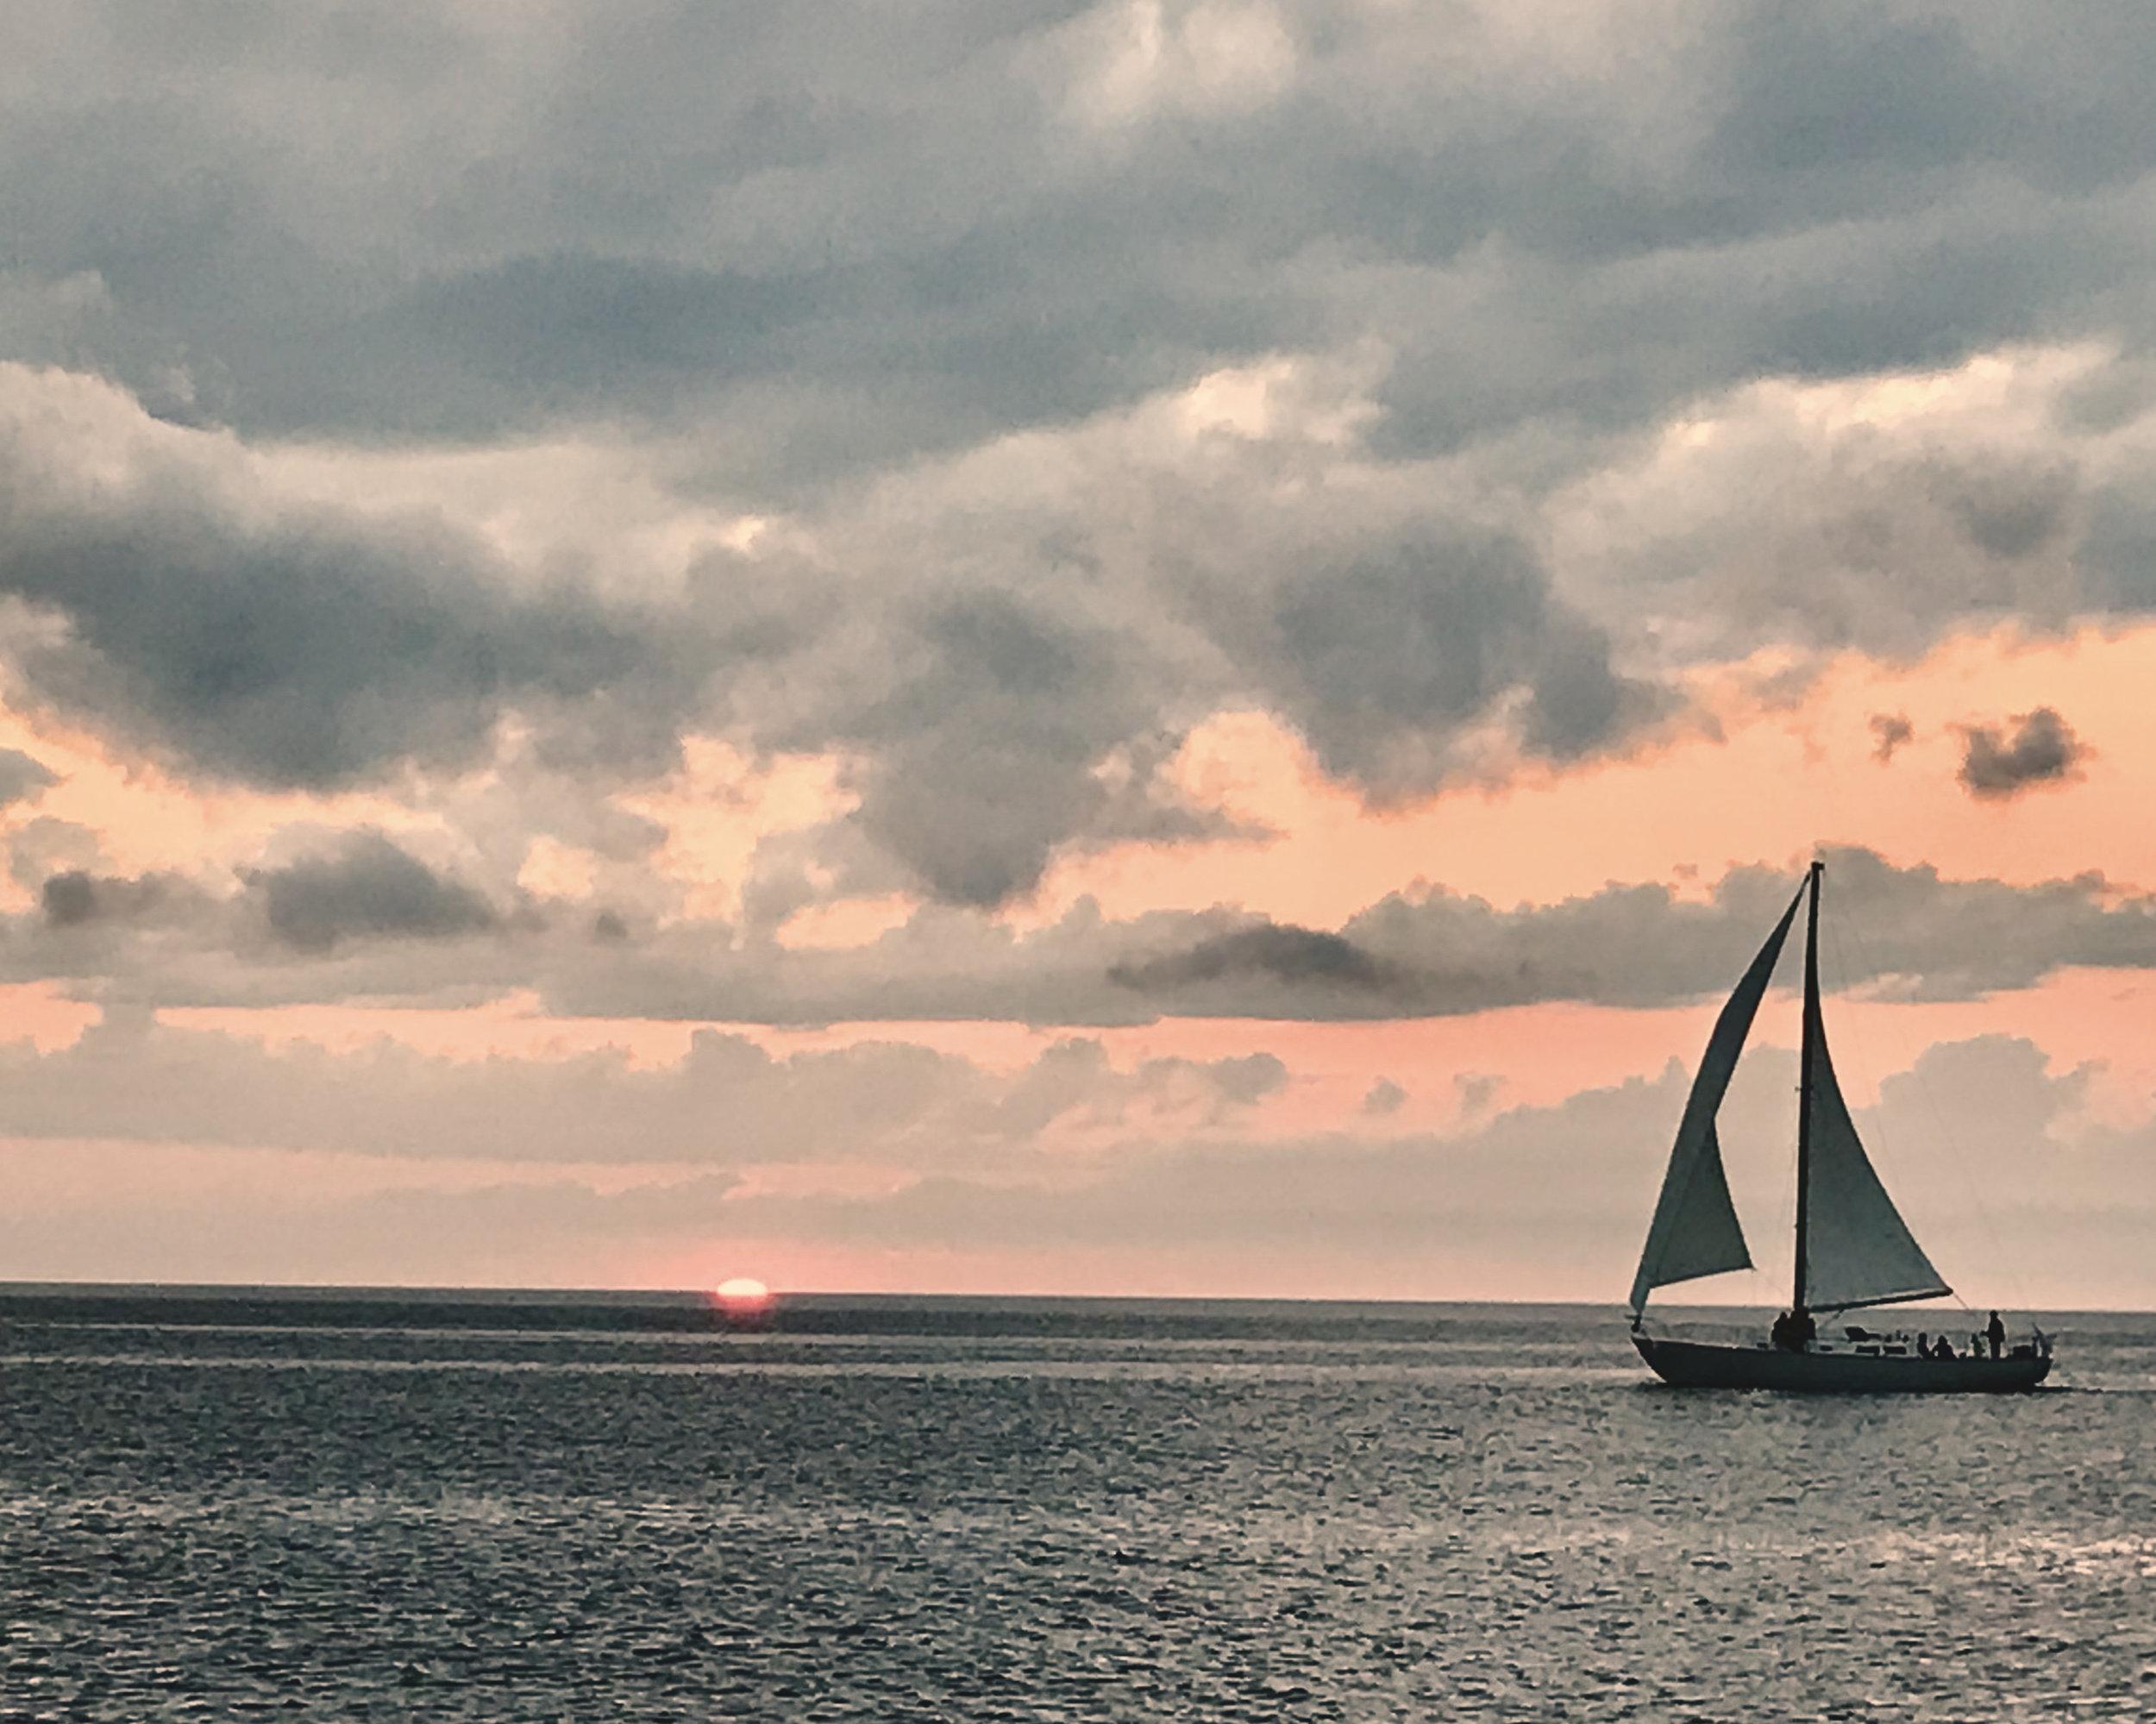 Andrewsailboat1620.jpg